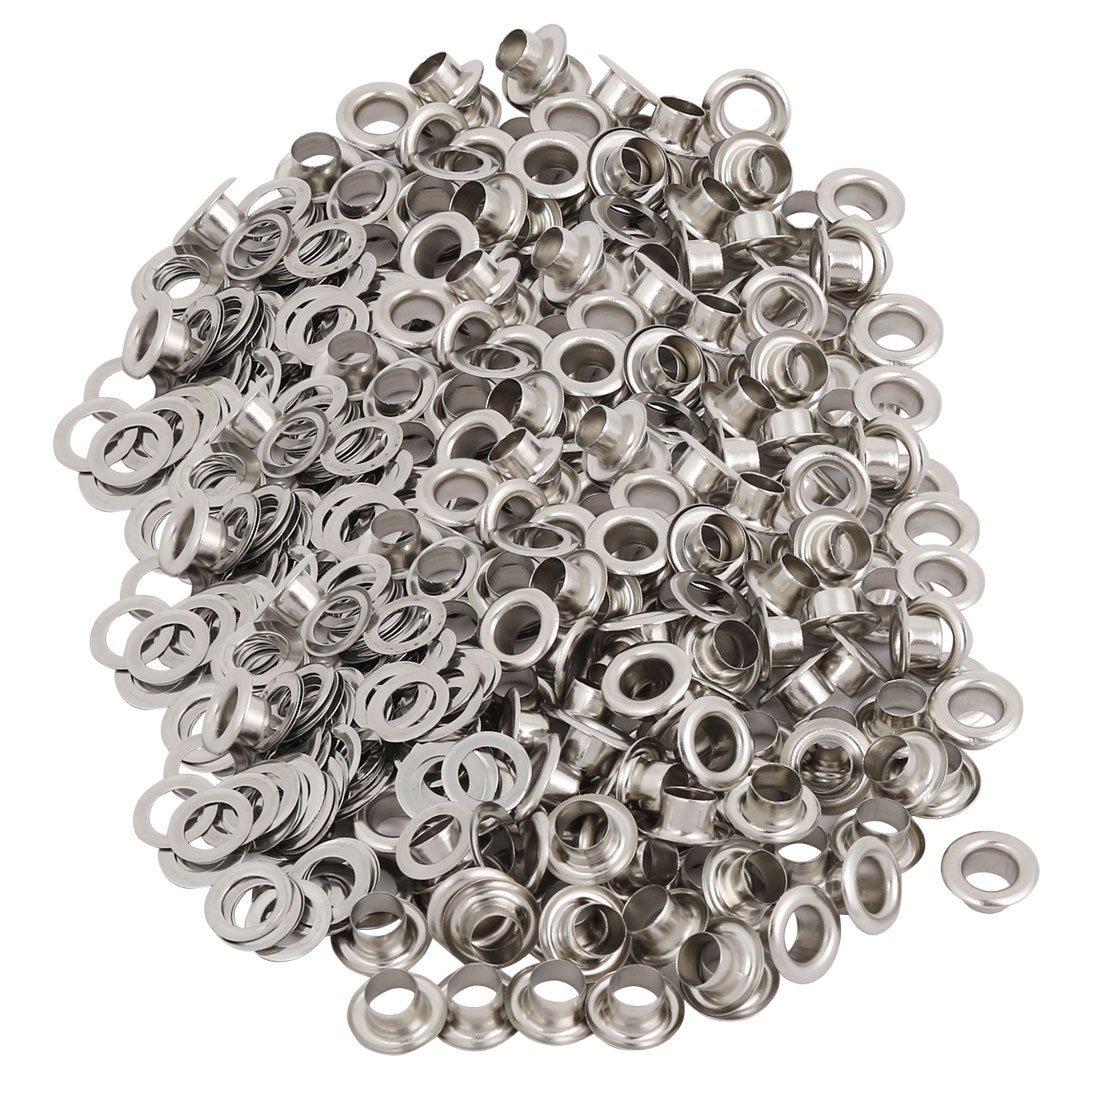 lona tono Plata 500 Piezas Ojales de cobre 4,5mm para ropa cuero